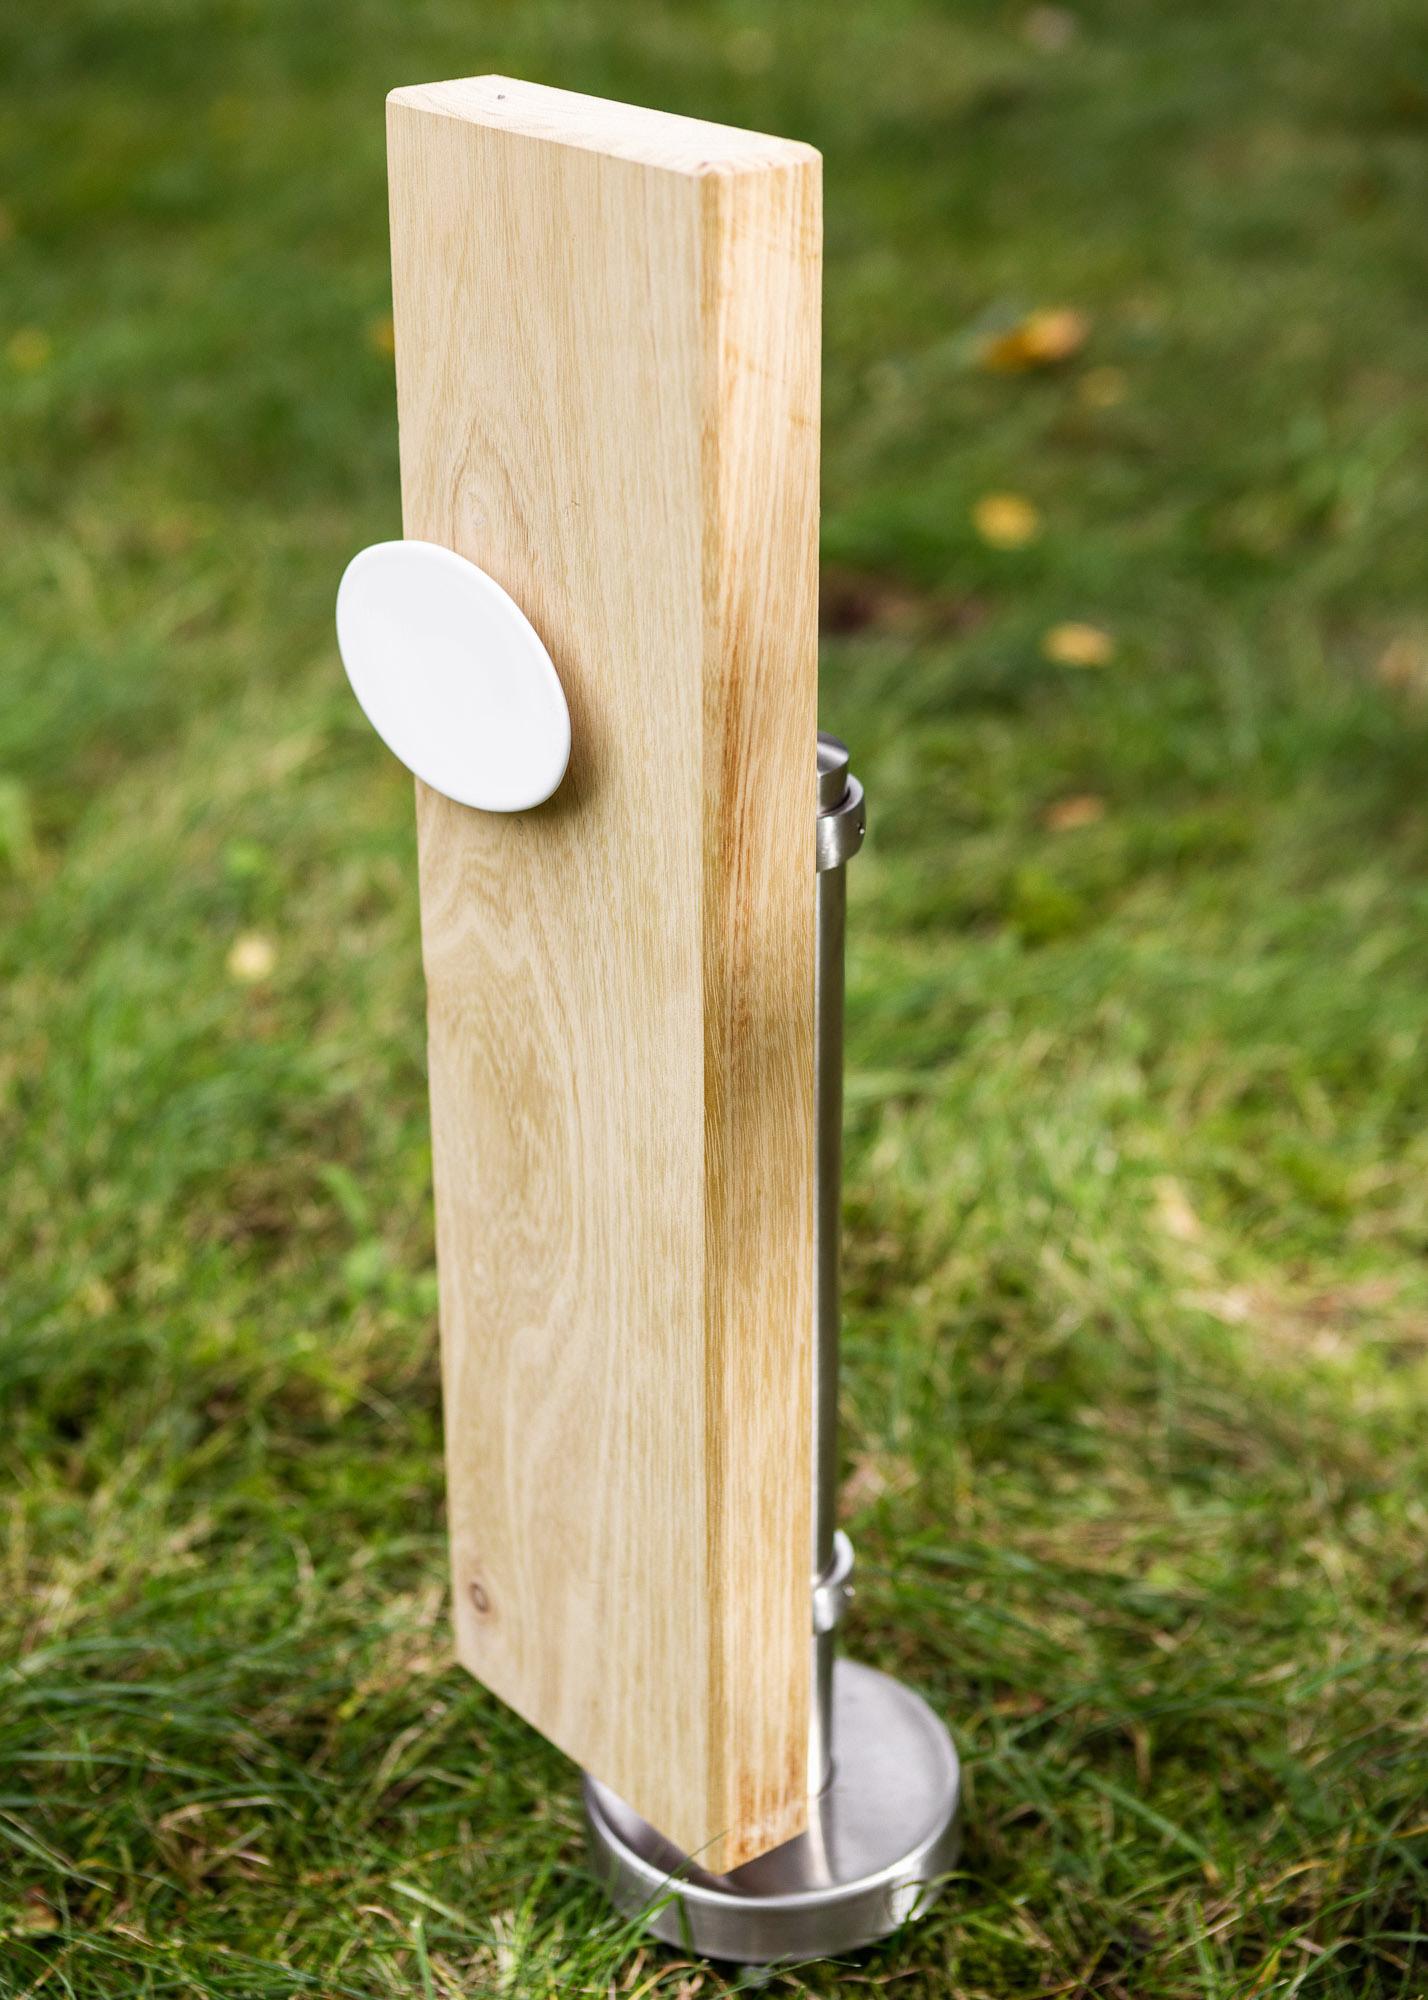 Holzgrabmal als Alternative zum Grabstein mit ovalem Emailleschild für Einzelgraeber